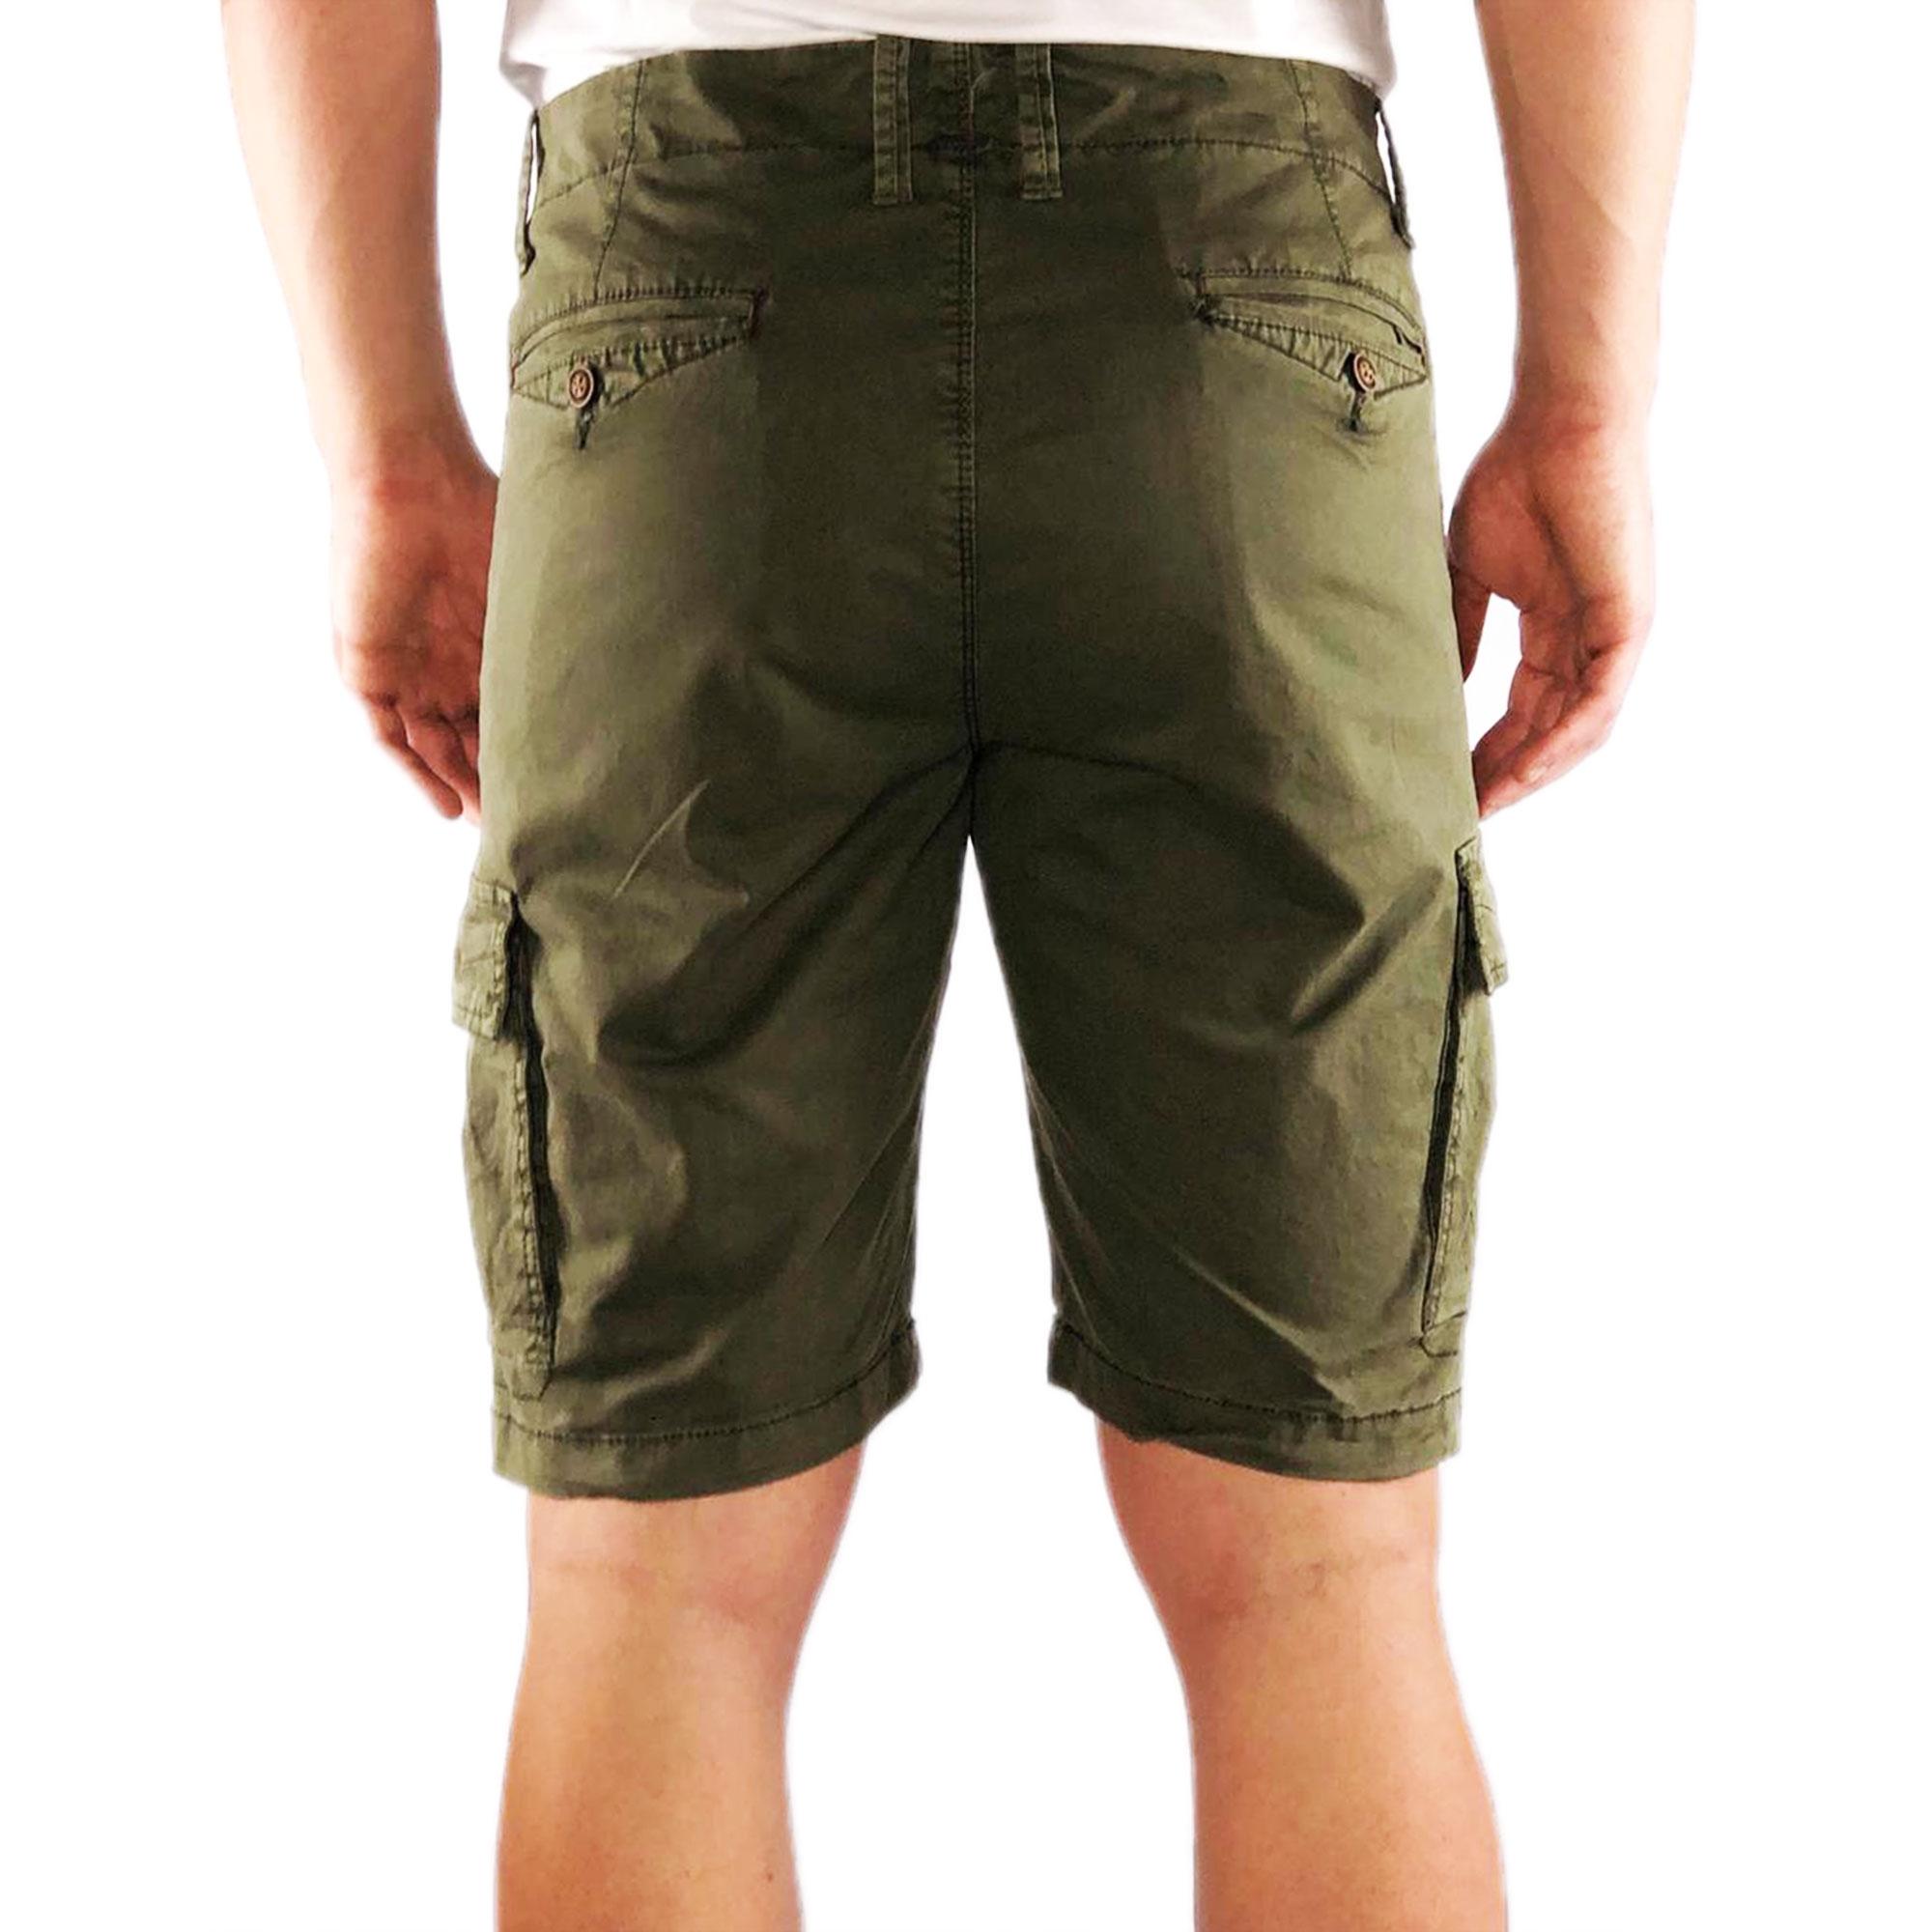 Bermuda-Uomo-Cargo-Cotone-Jeans-Tasconi-Laterali-Pantalone-Corto-Shorts-Casual miniatura 7